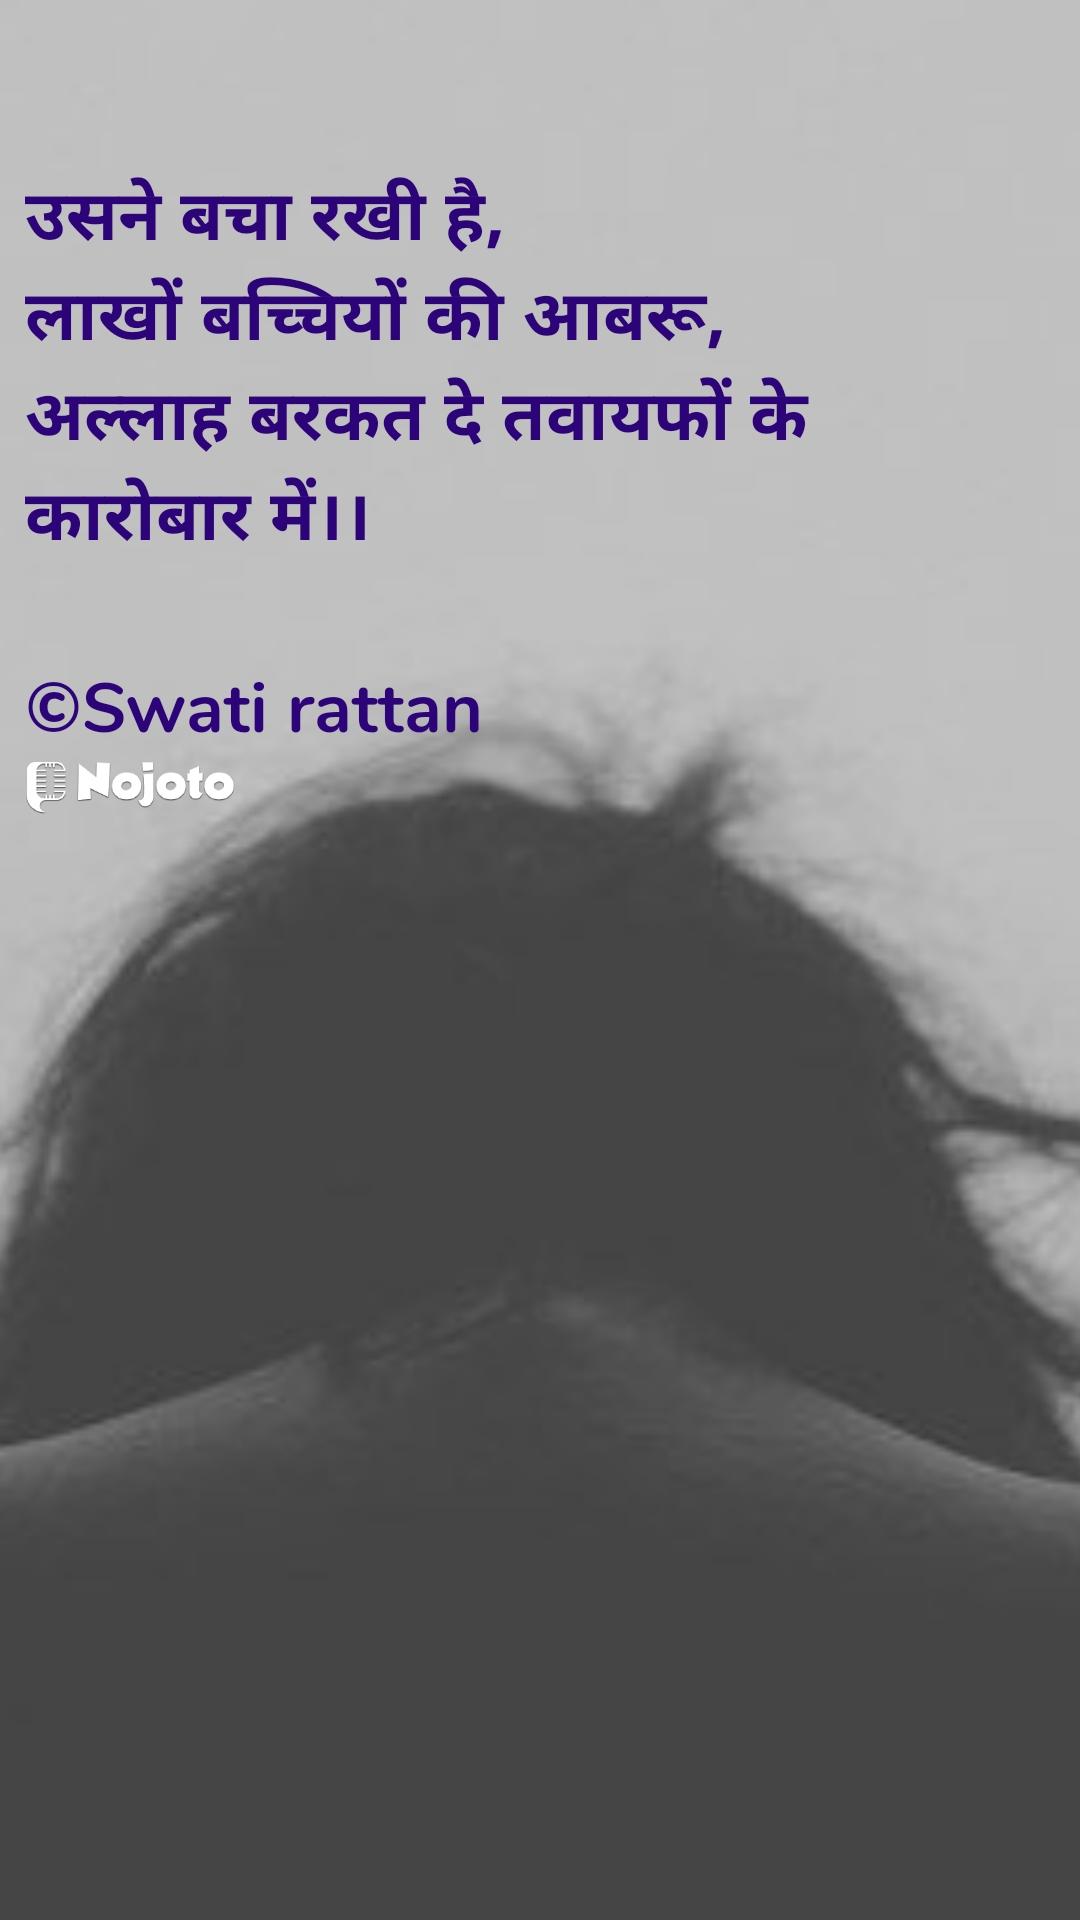 उसने बचा रखी है, लाखों बच्चियों की आबरू, अल्लाह बरकत दे तवायफों के कारोबार में।।  ©Swati rattan